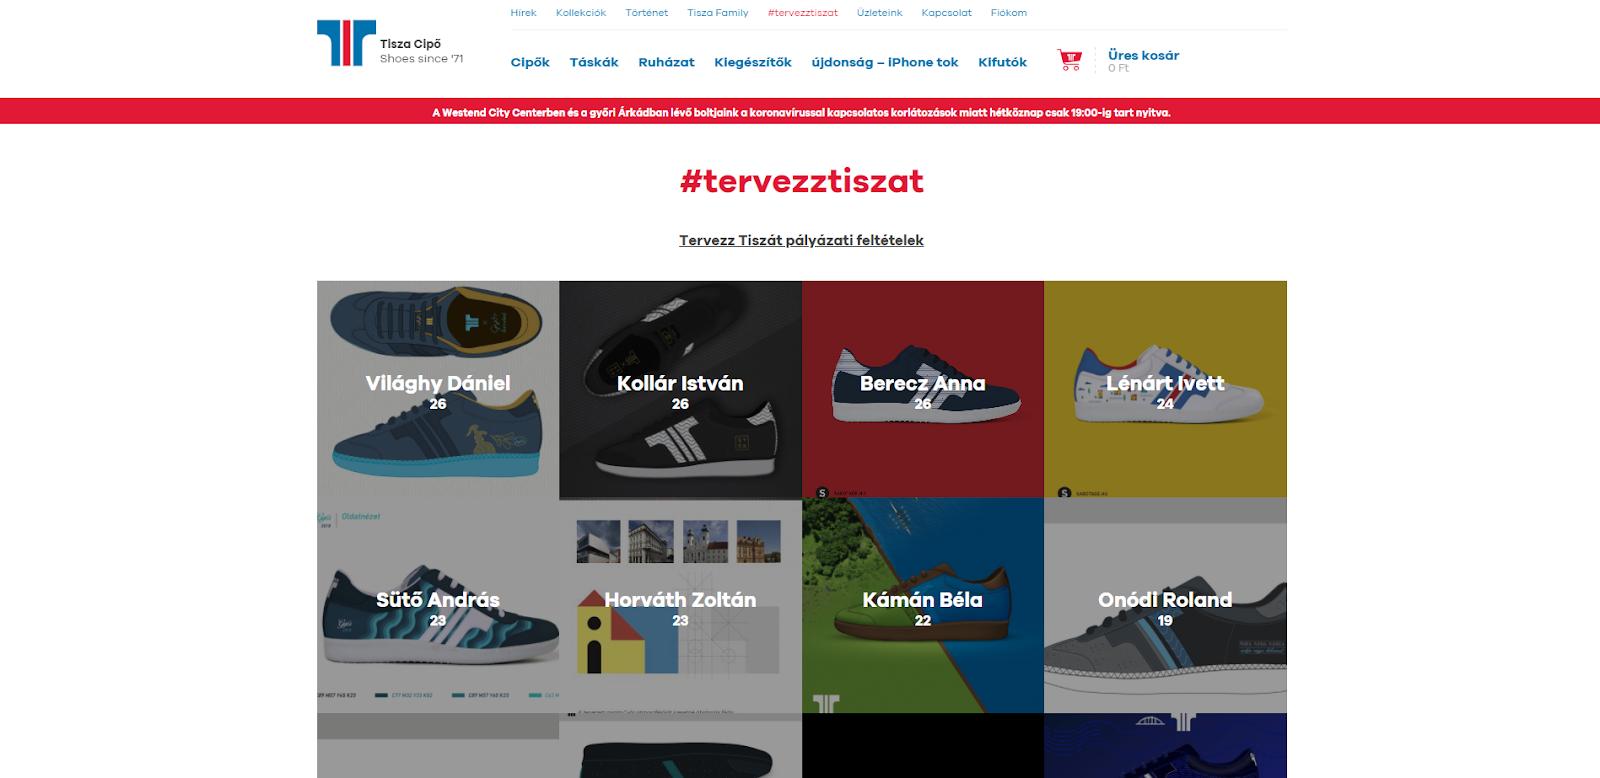 """Közösségépítés a Tiszacipő webáruházában: a """"tervezztiszat"""" kezdeményezés"""